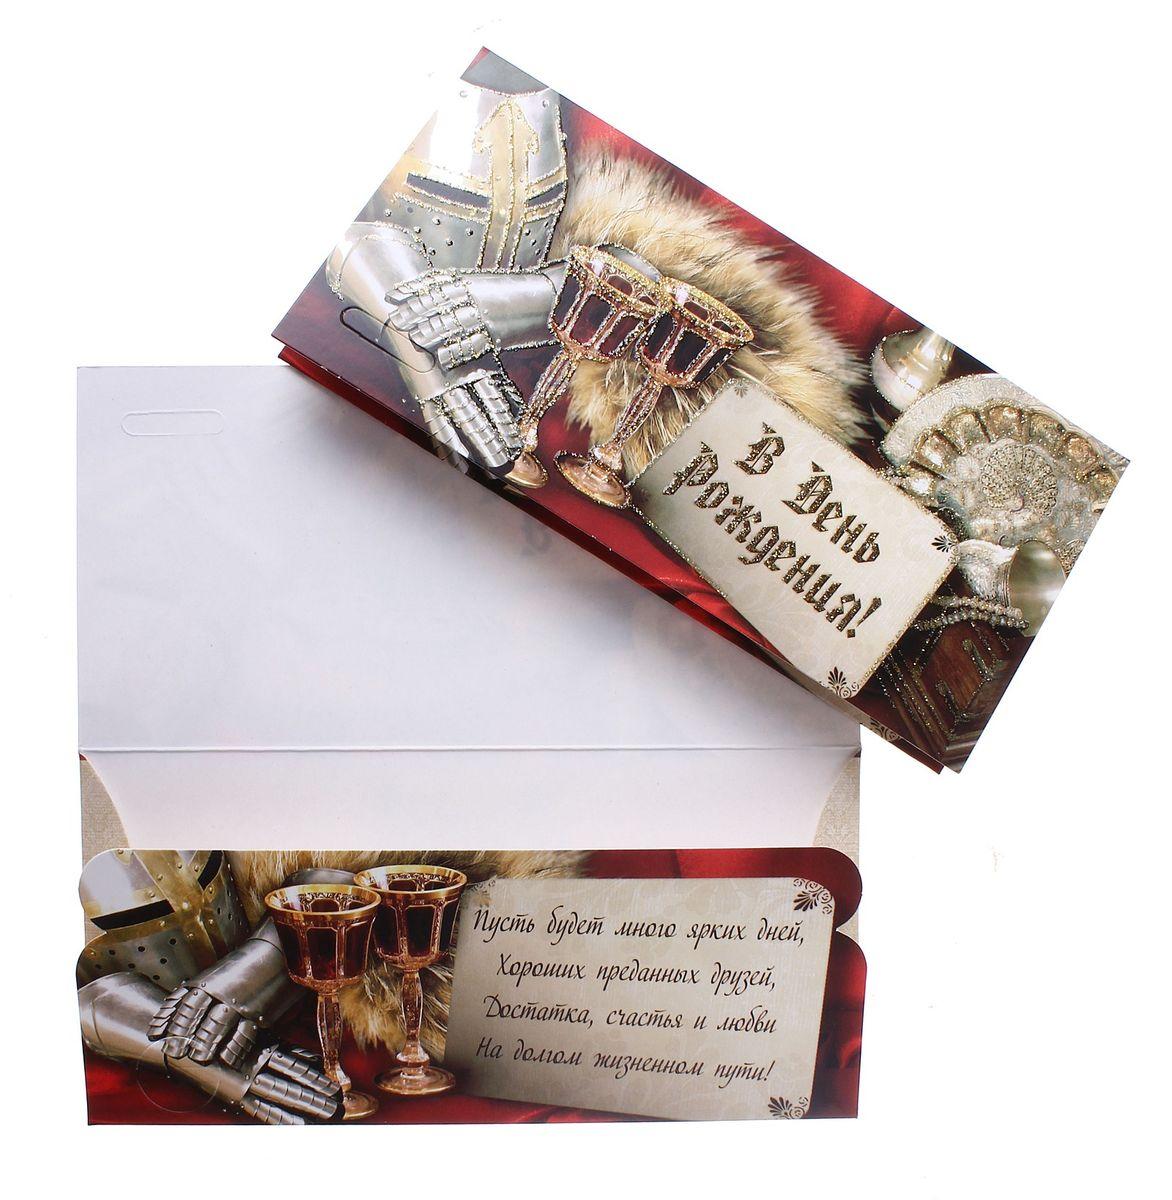 Конверт для денег C Днем Рождения!. 690541690541Конверт для денег С Днем Рождения! выполнен из плотной бумаги и украшен яркой картинкой, соответствующей событию, для которого предназначен. Это необычная красивая одежка для денежного подарка, а так же отличная возможность сделать его более праздничным и создать прекрасное настроение! Конверт С Днем Рождения! - идеальное решение, если вы хотите подарить деньги.